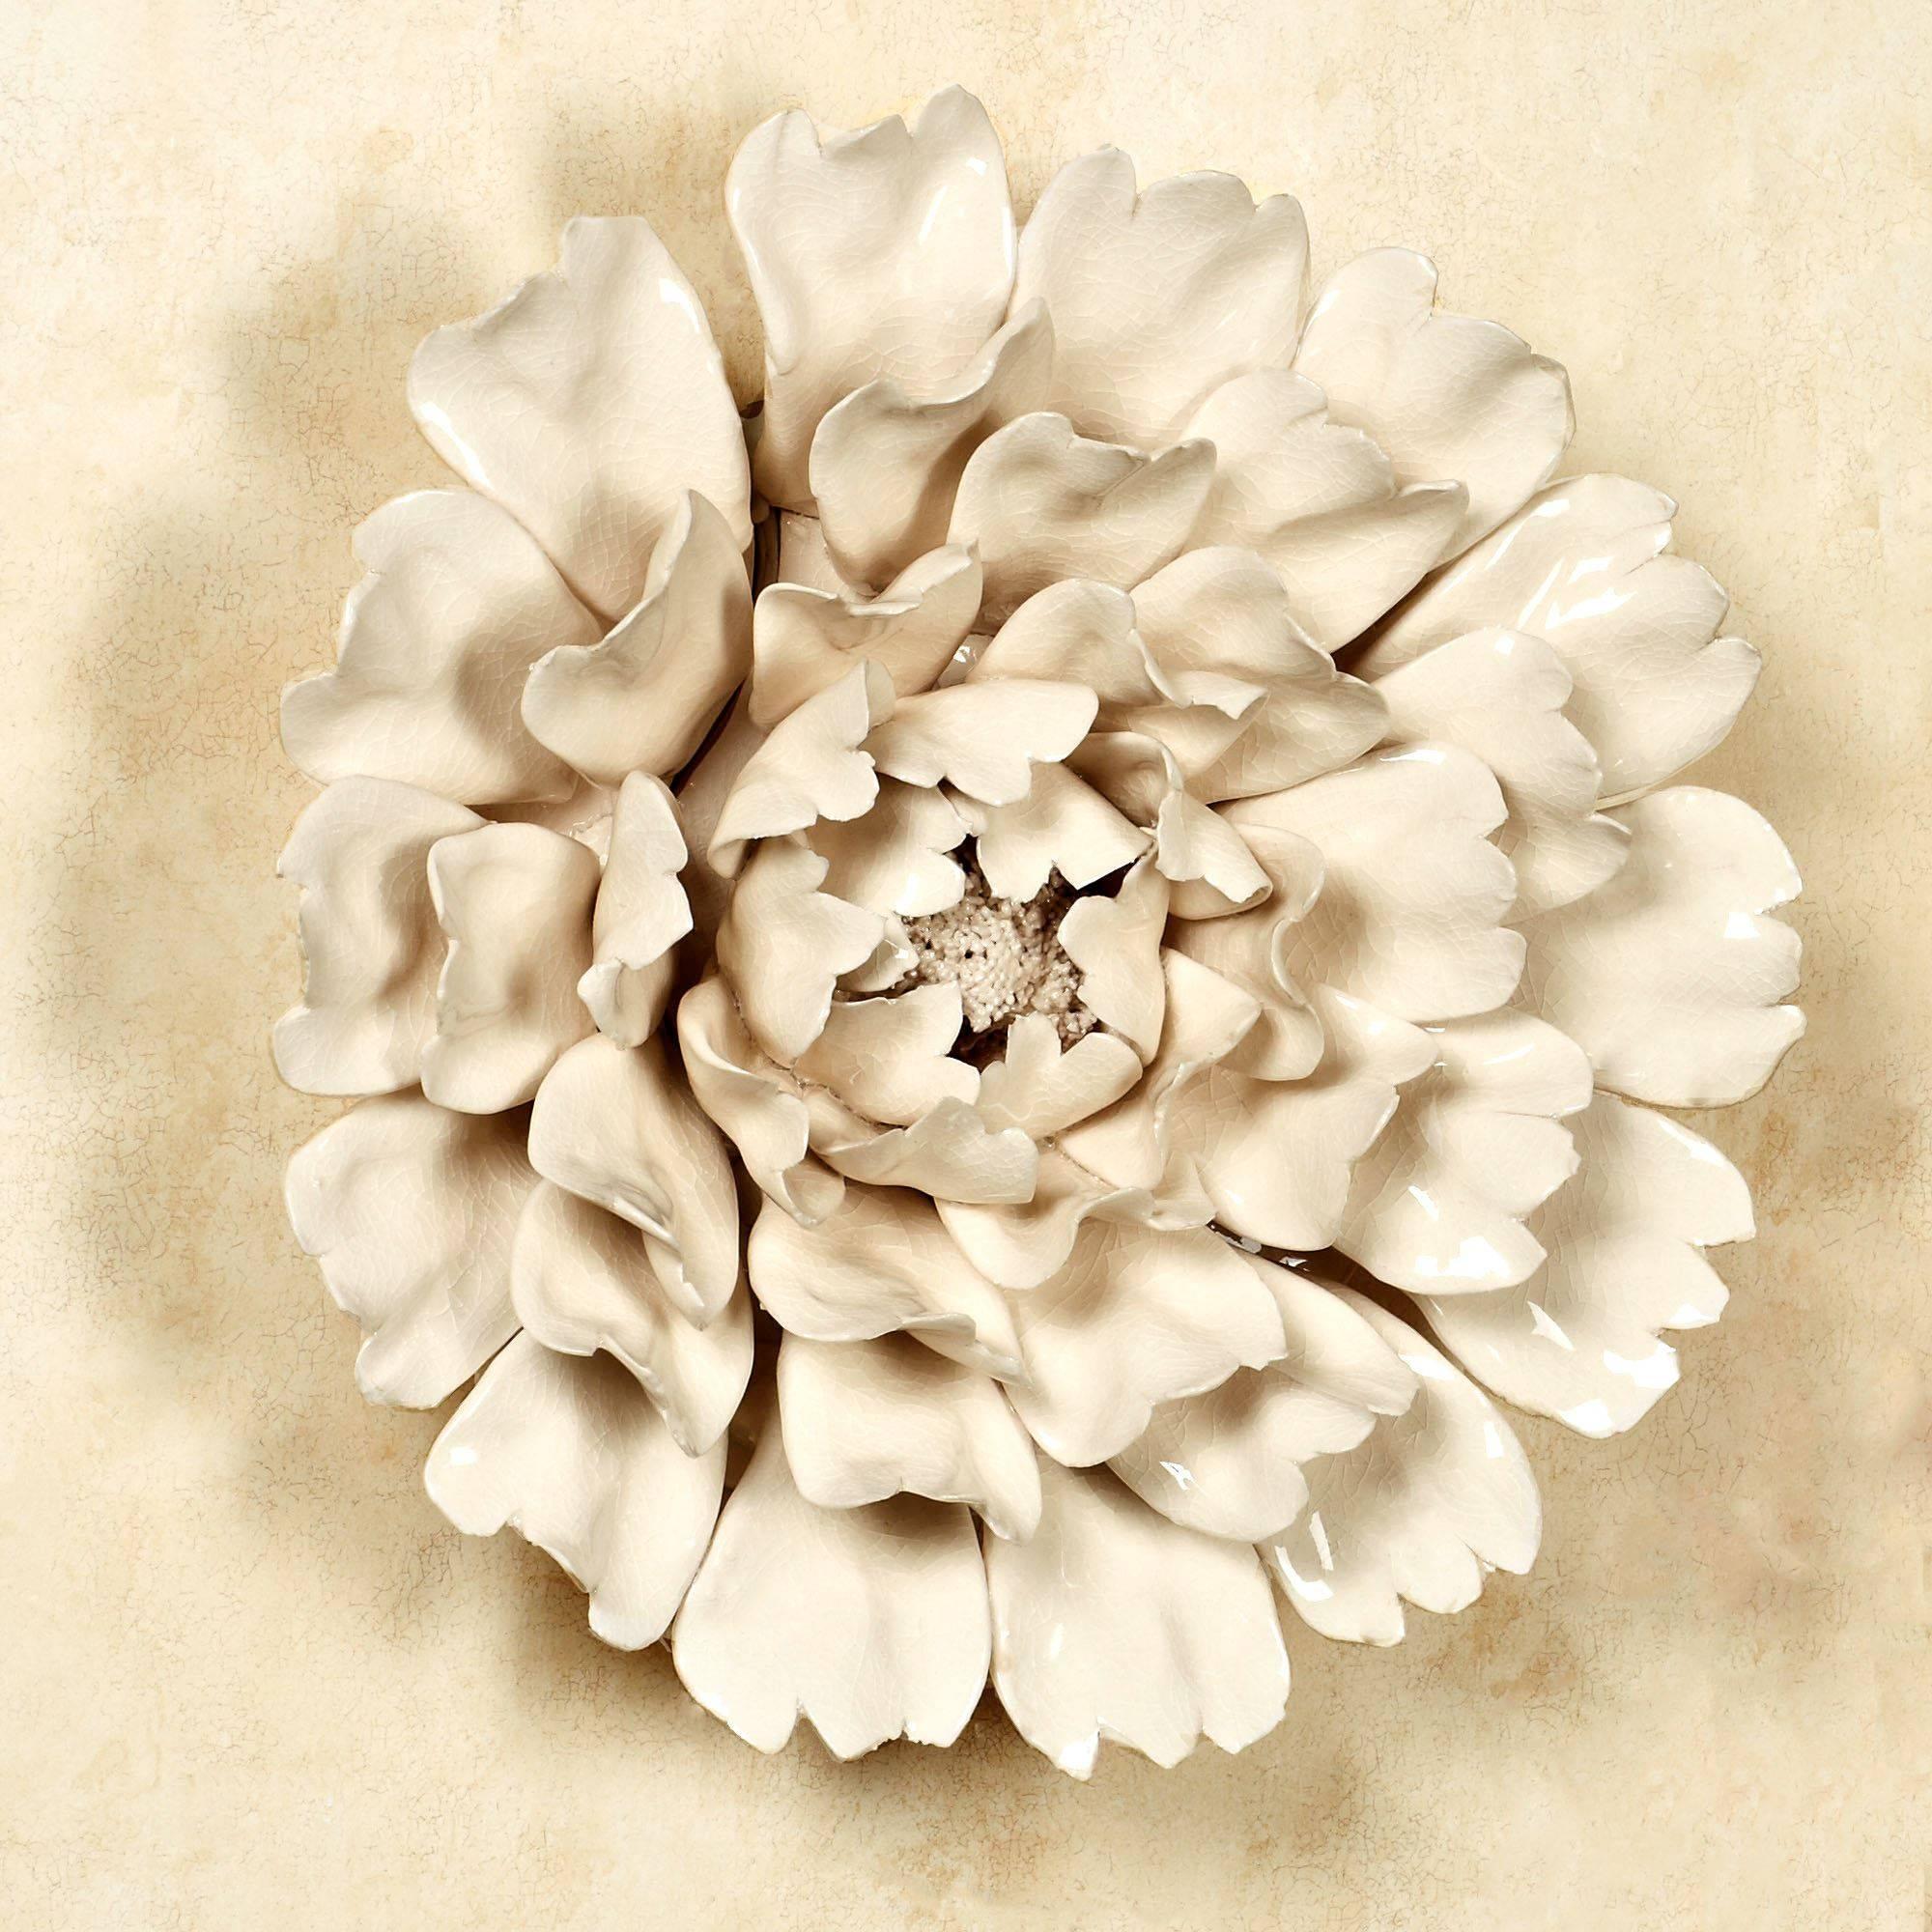 Isabella Ceramic Flower Blossom Wall Art Intended For Latest Ceramic Flower Wall Art (View 3 of 30)